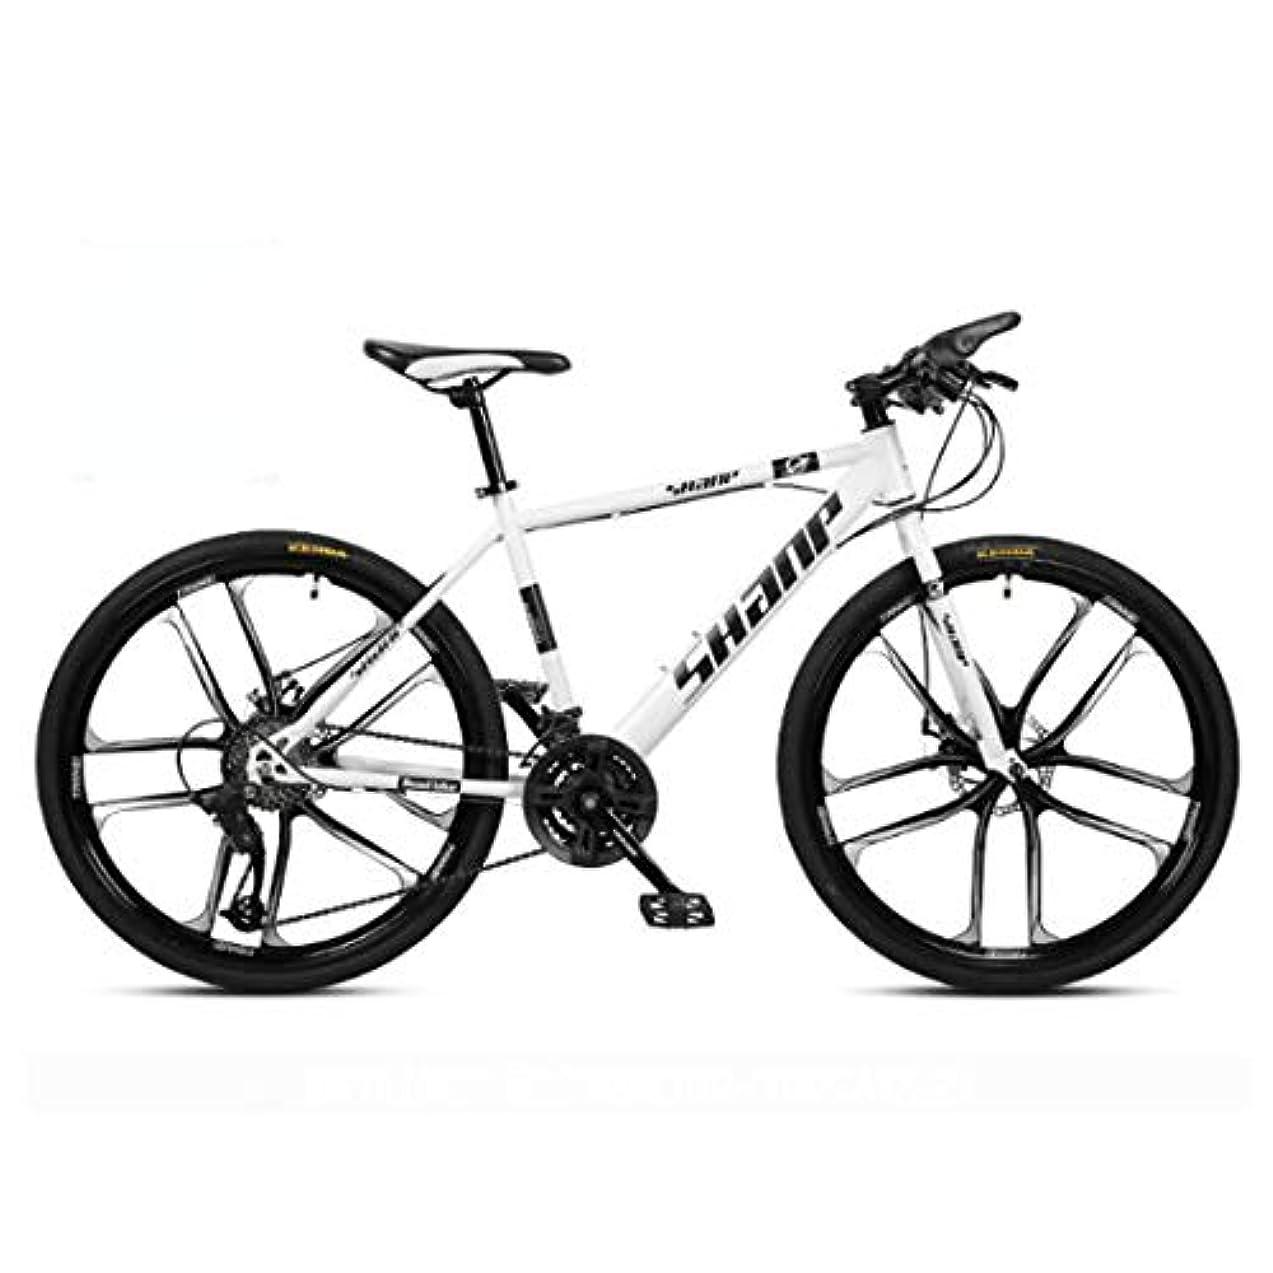 ウェイドトレッド構造的61.5インチのマウンテンバイク21スピード/ 24速度/ 27速度/ 30スピードマウンテンバイク24インチホイール自転車、ブラック、ホワイト、レッド、イエロー、グリーン,B3,24